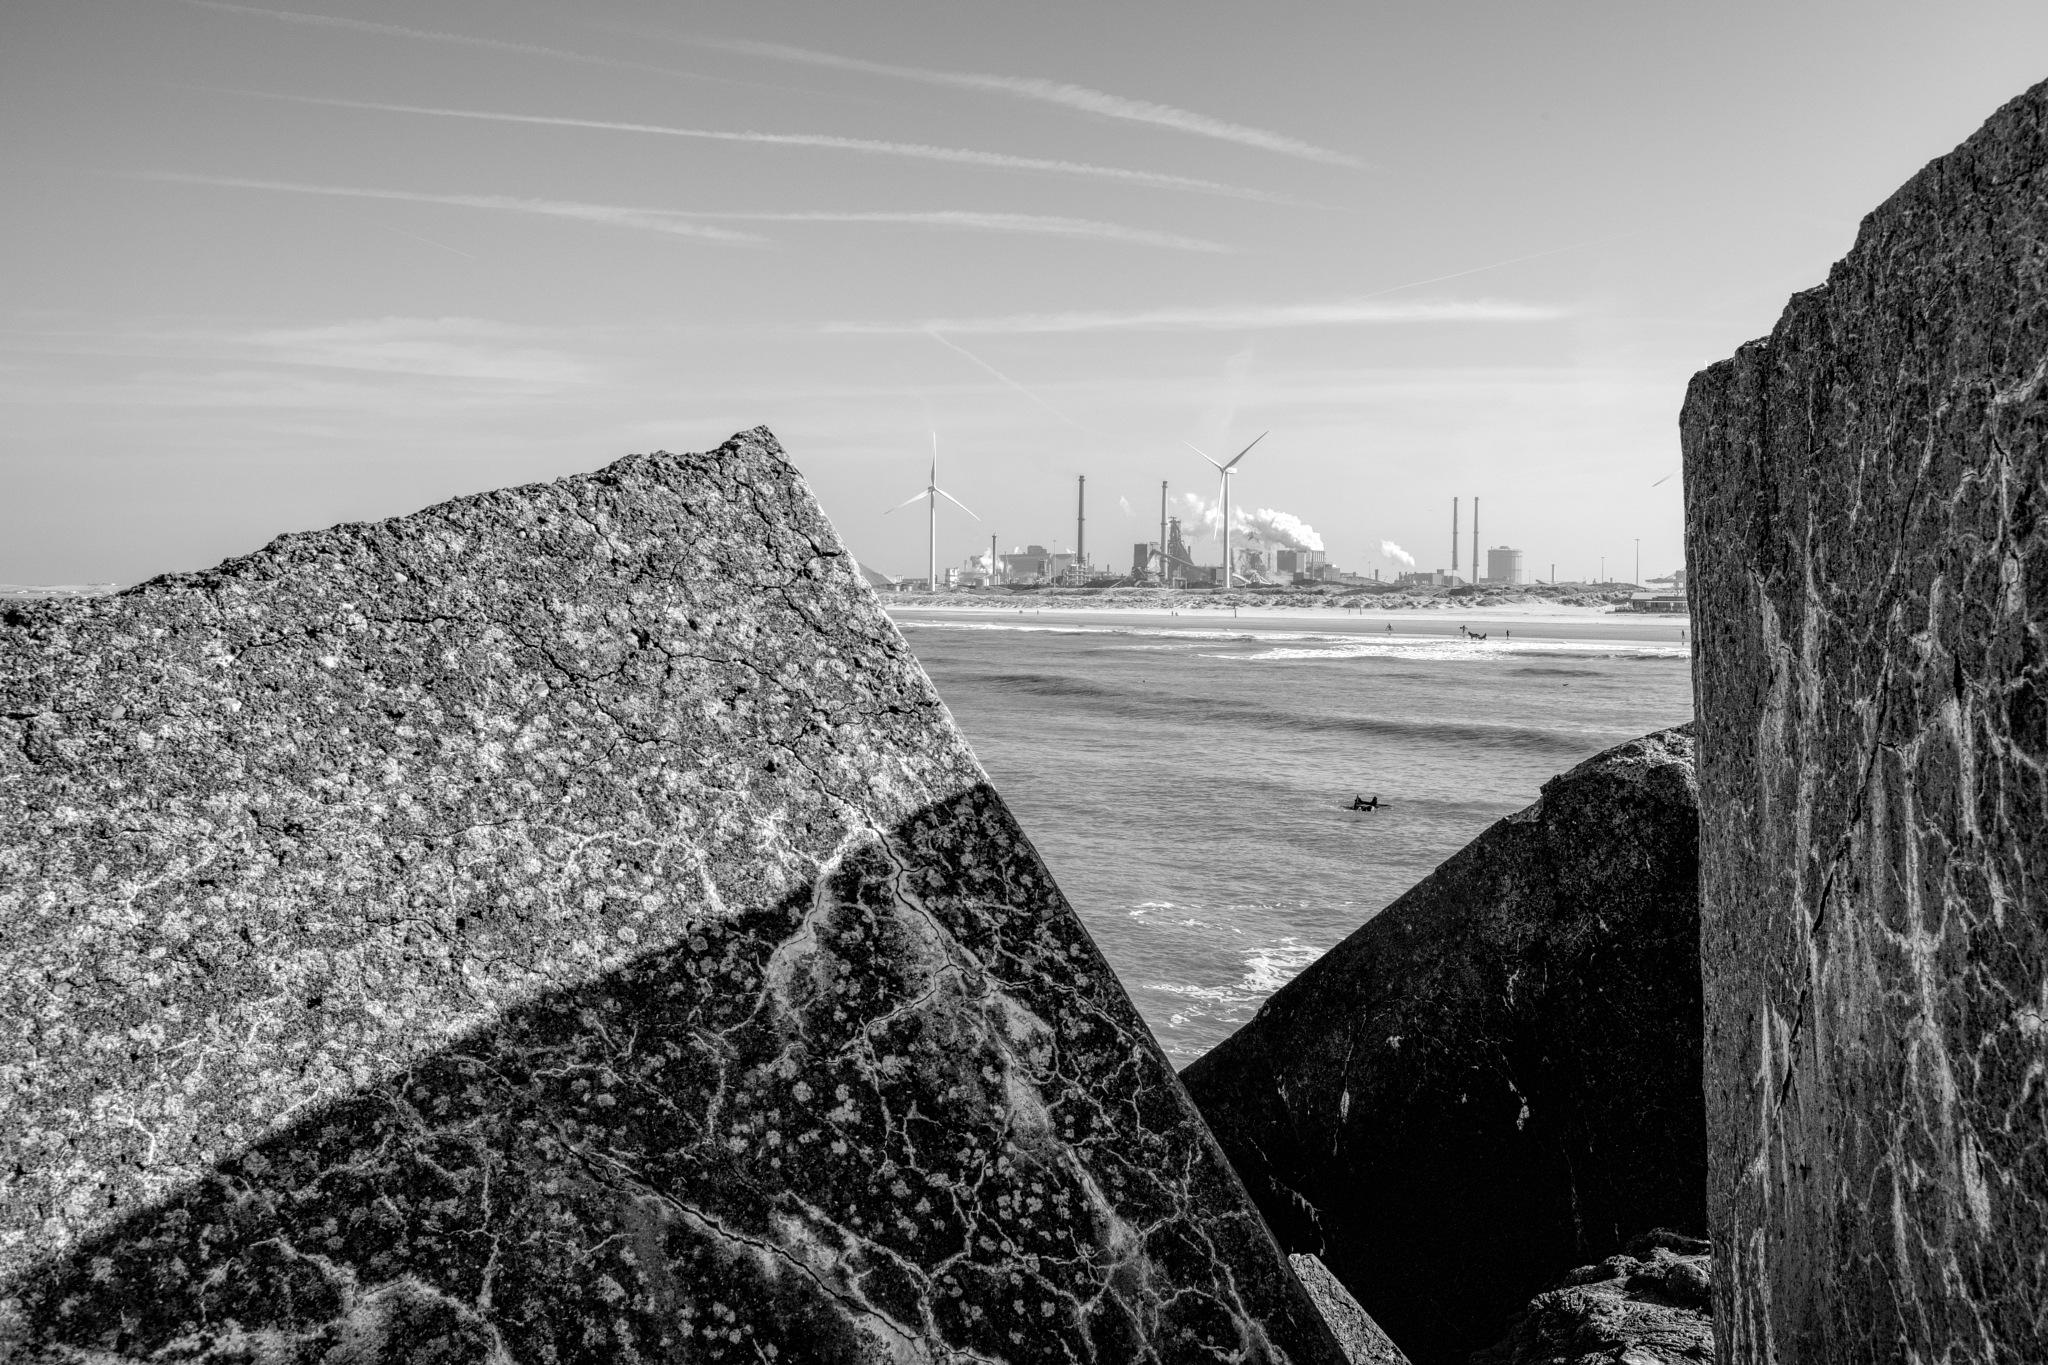 Tata Steel by Henk Spijkerman